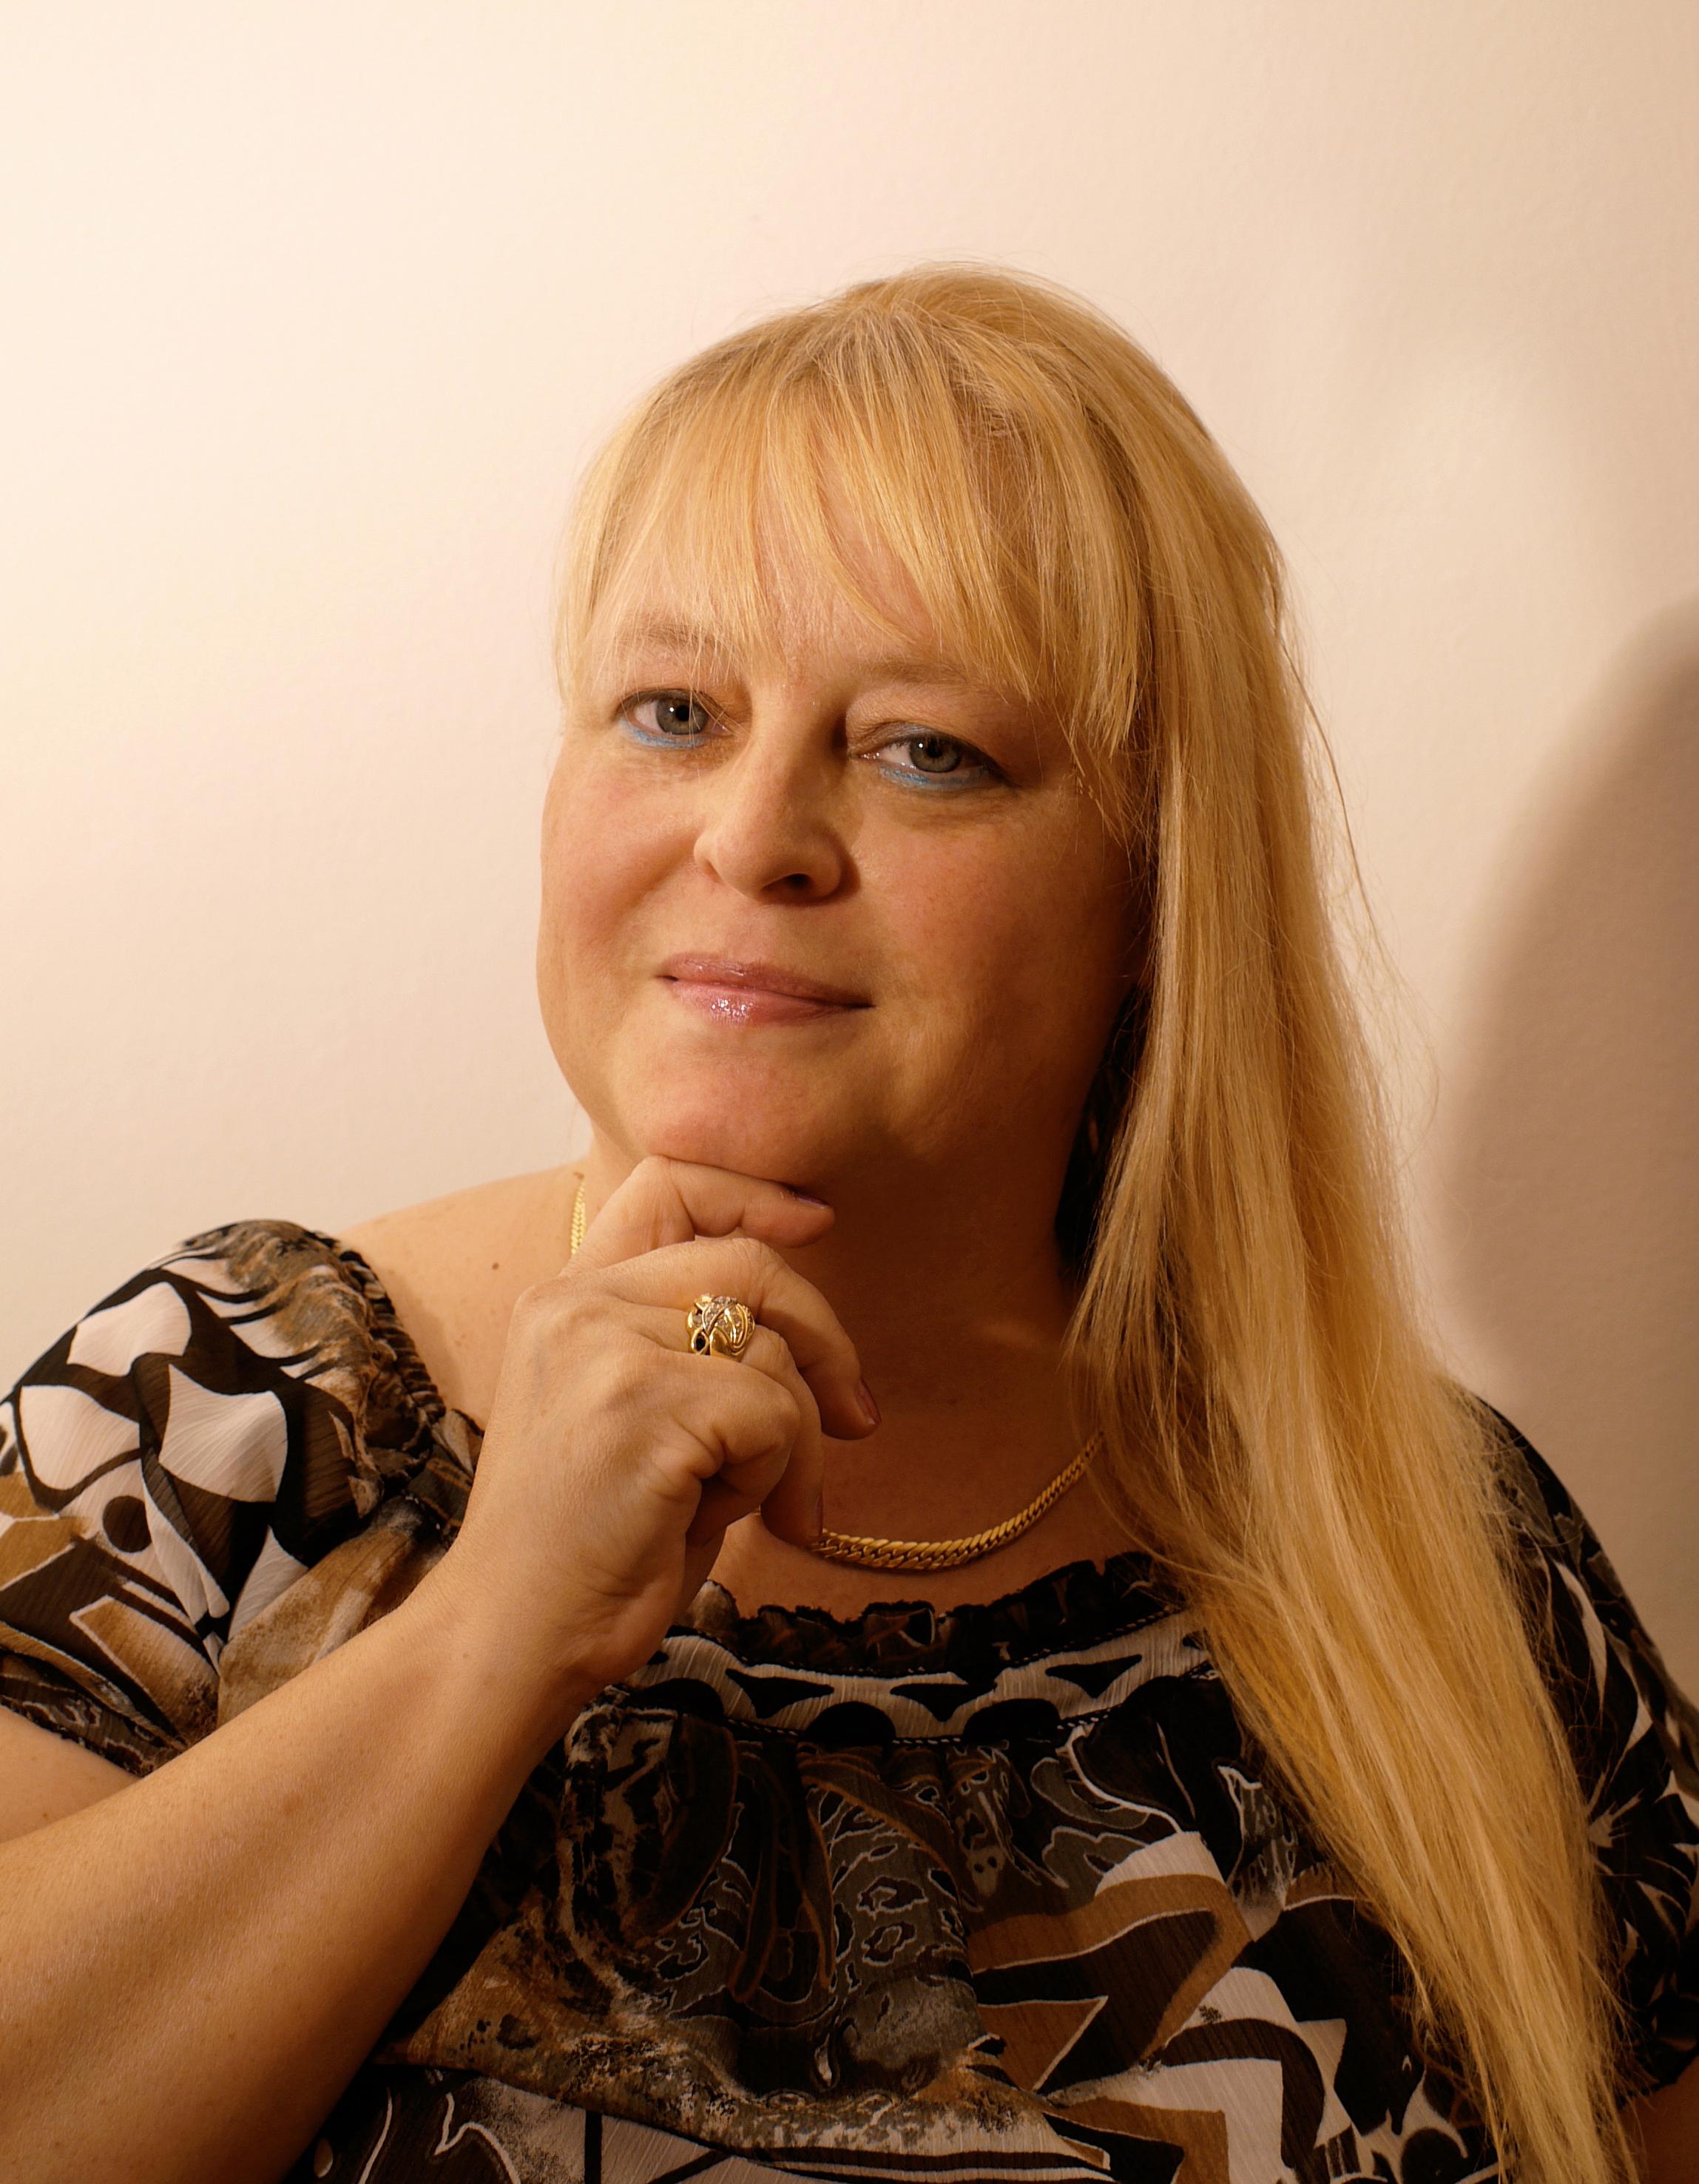 La penna della triestina Diana Mayer Grego premiata al concorso Alda Merini